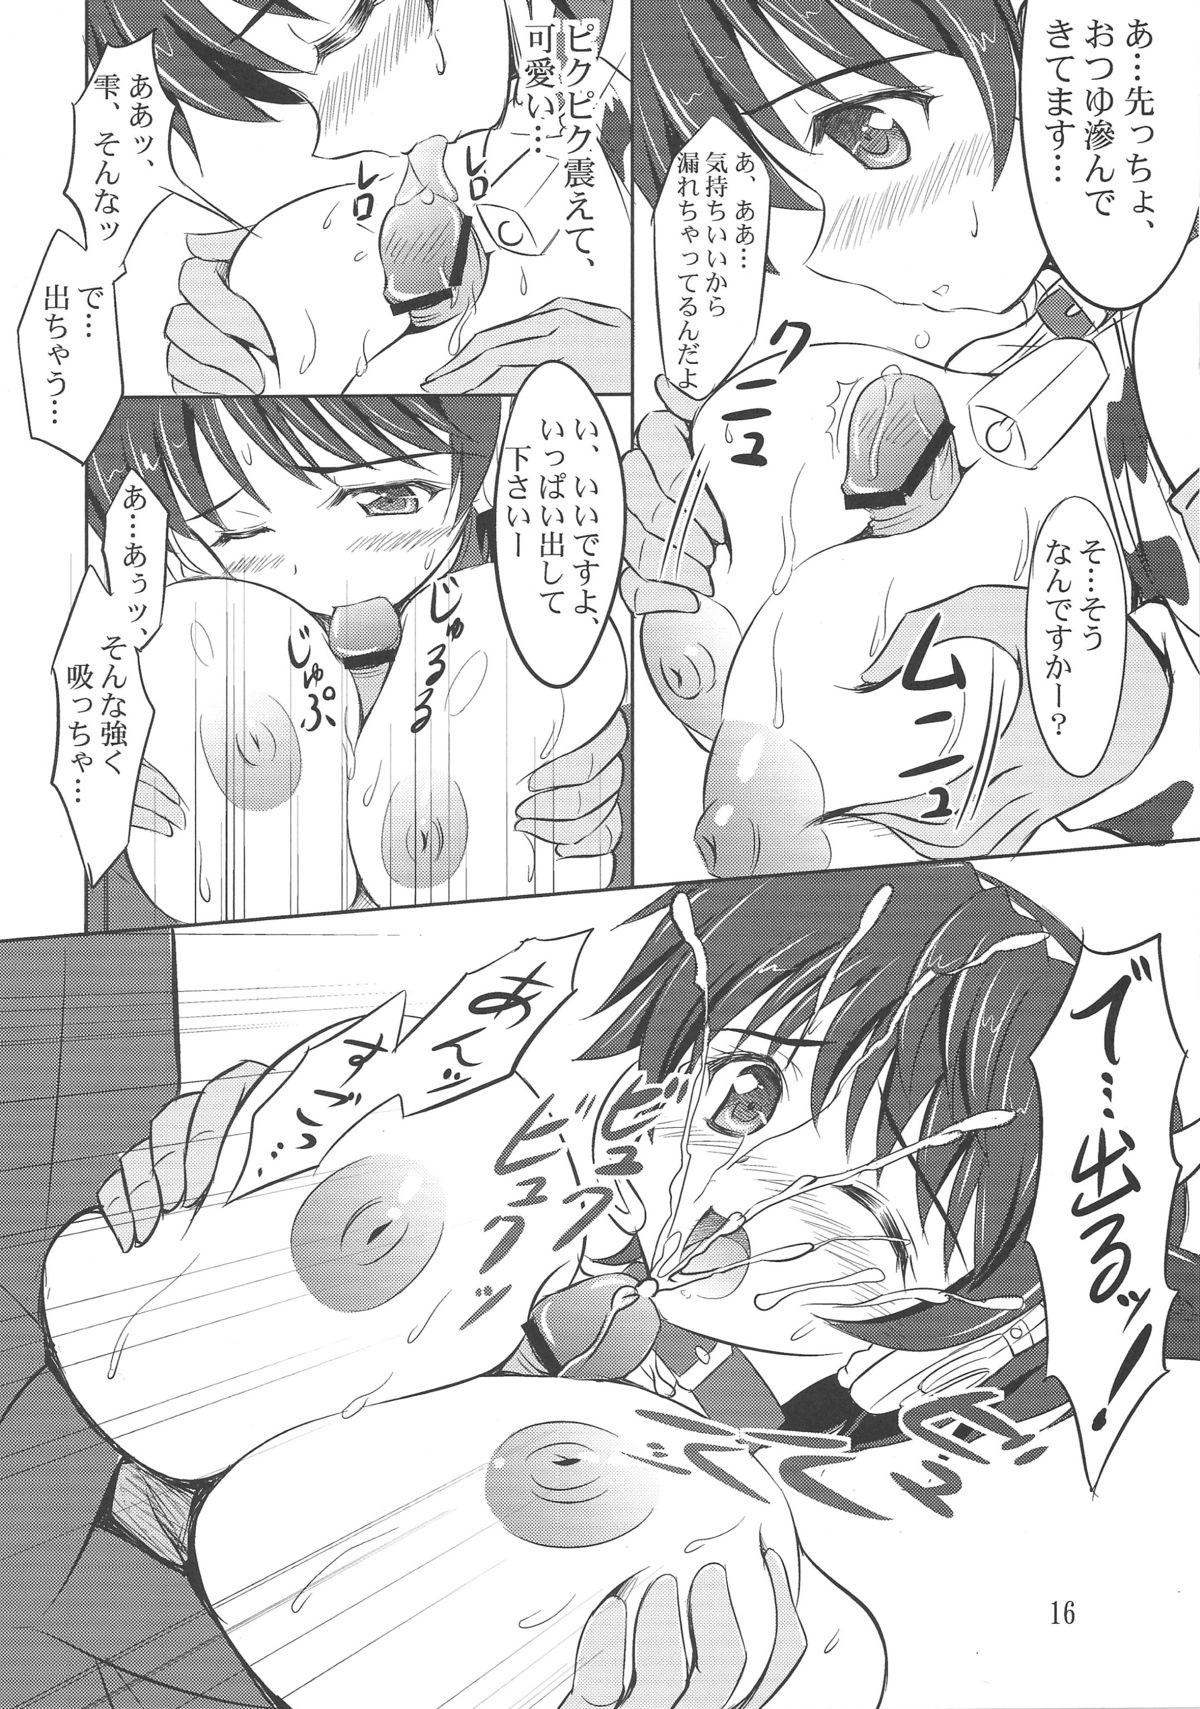 Oikawa no Oishii Shizuku 14